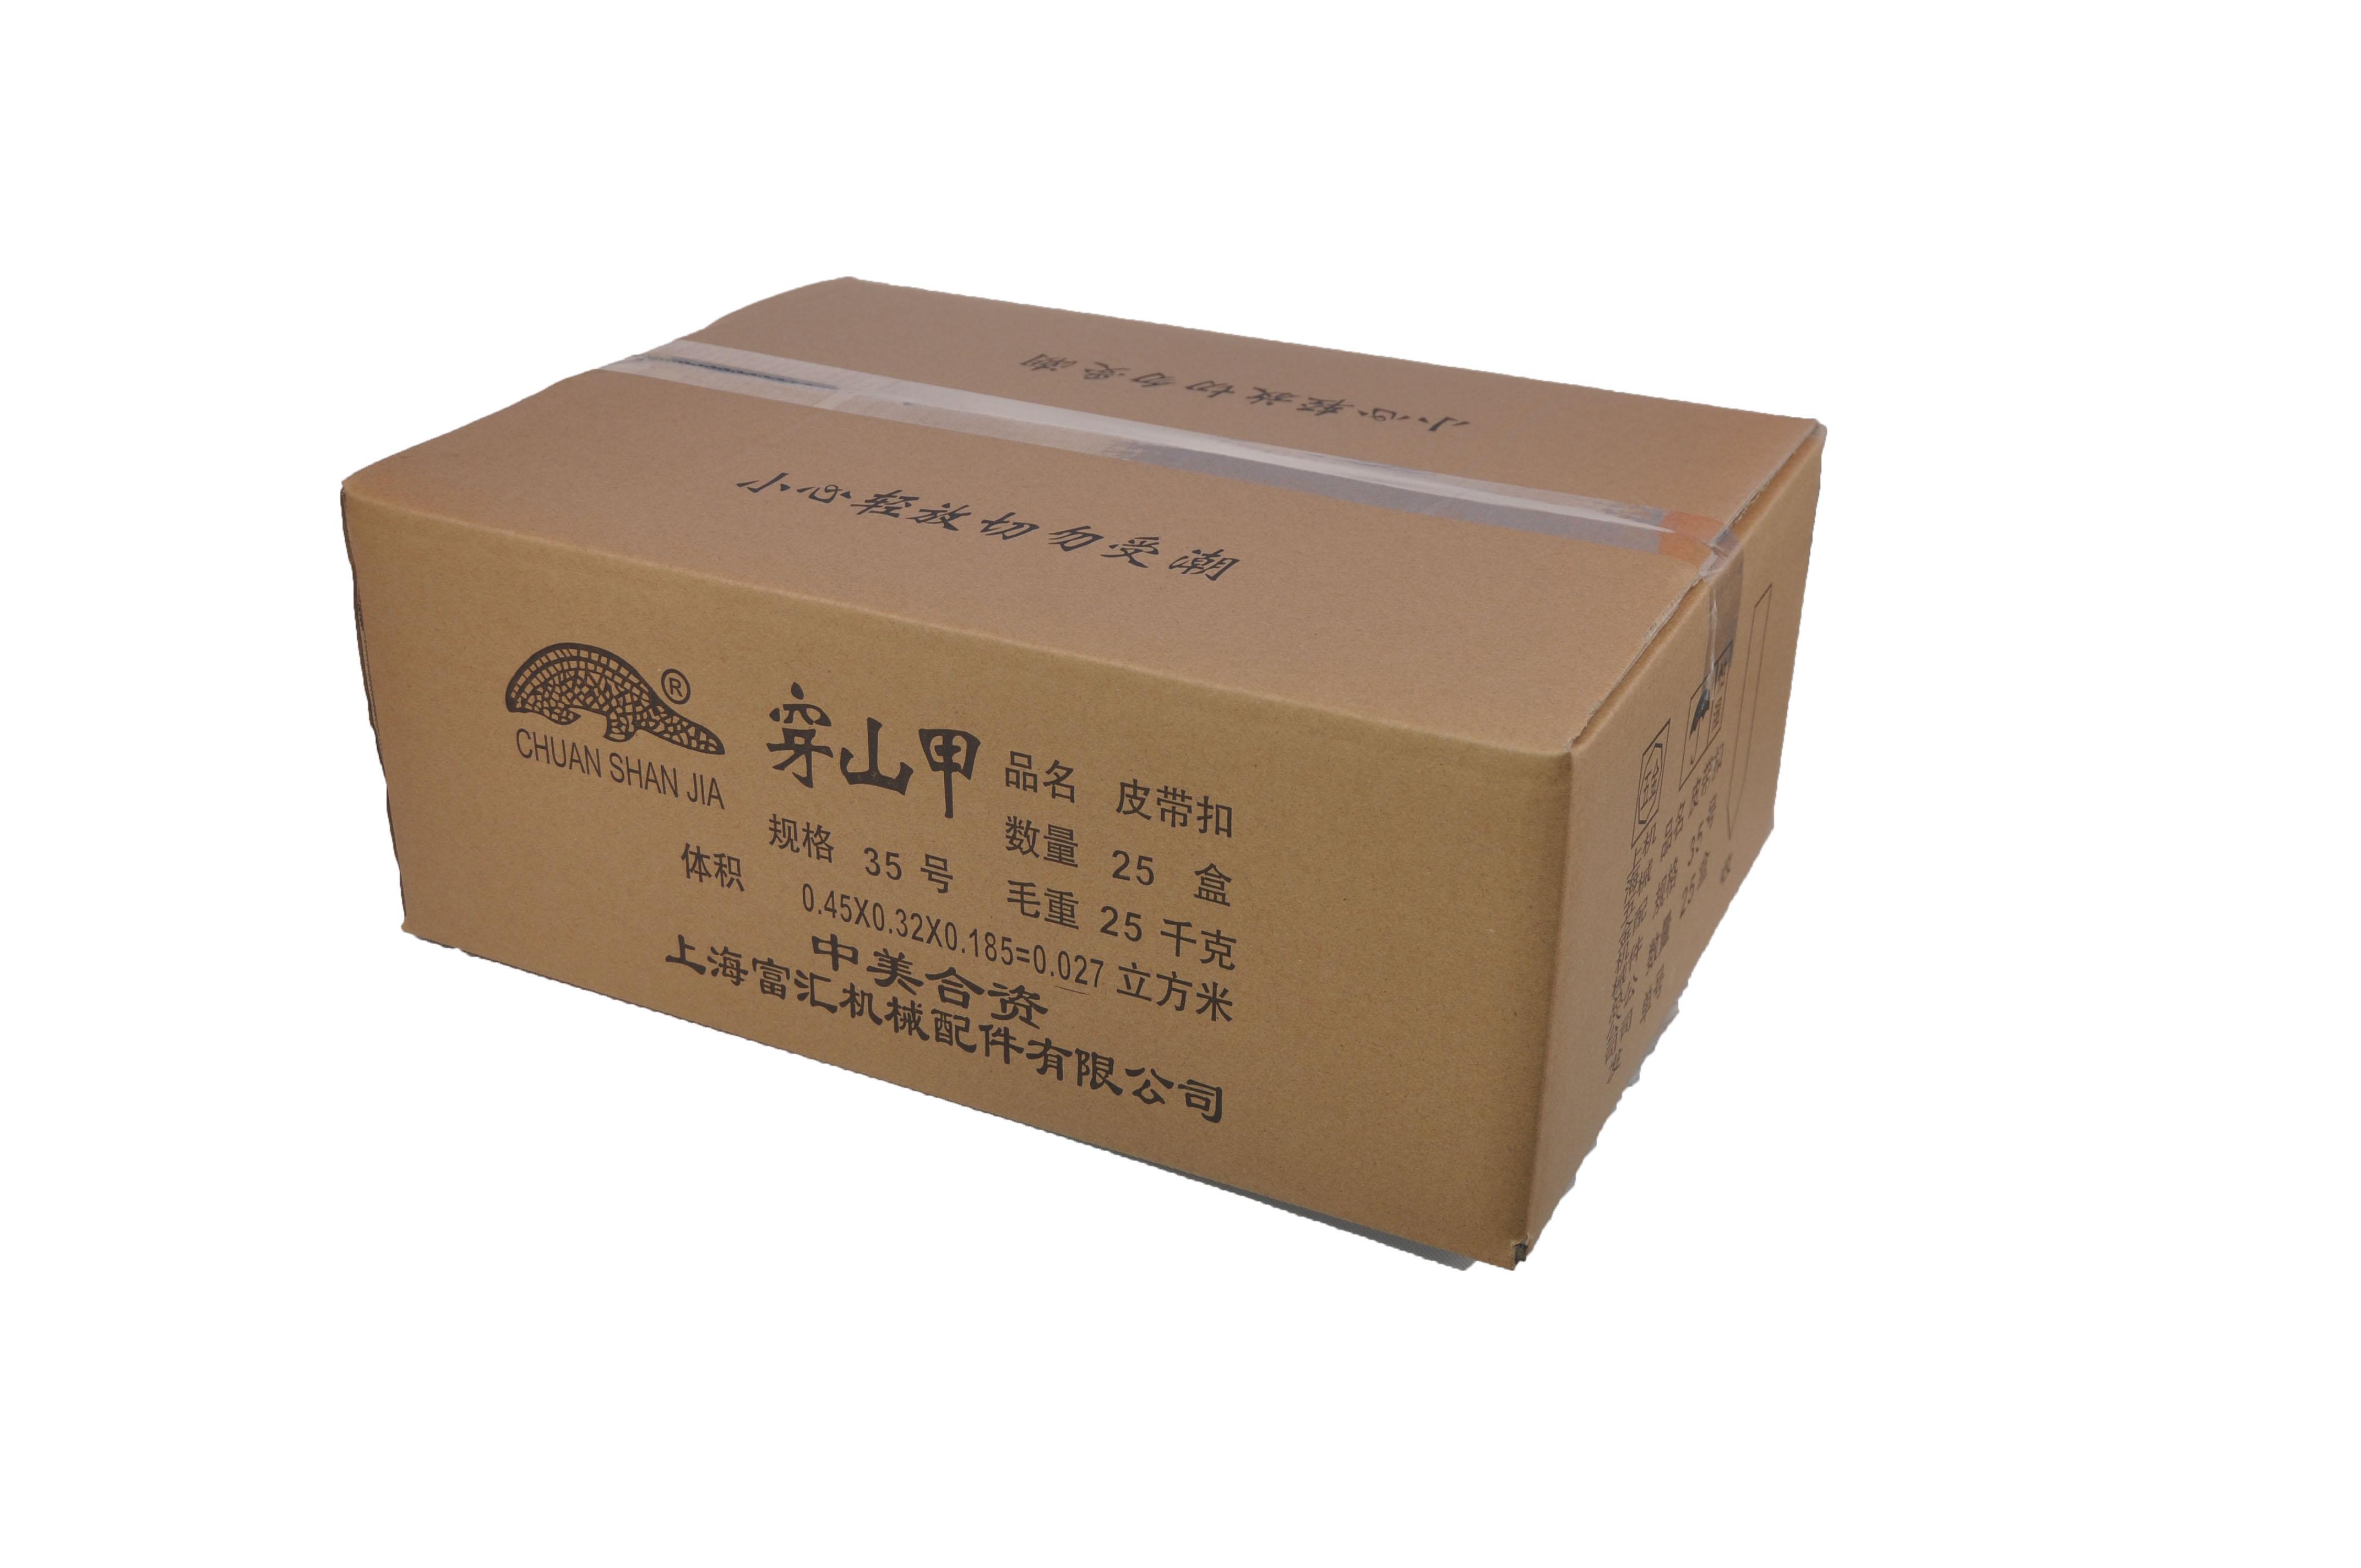 35号皮带扣大包装盒.jpg